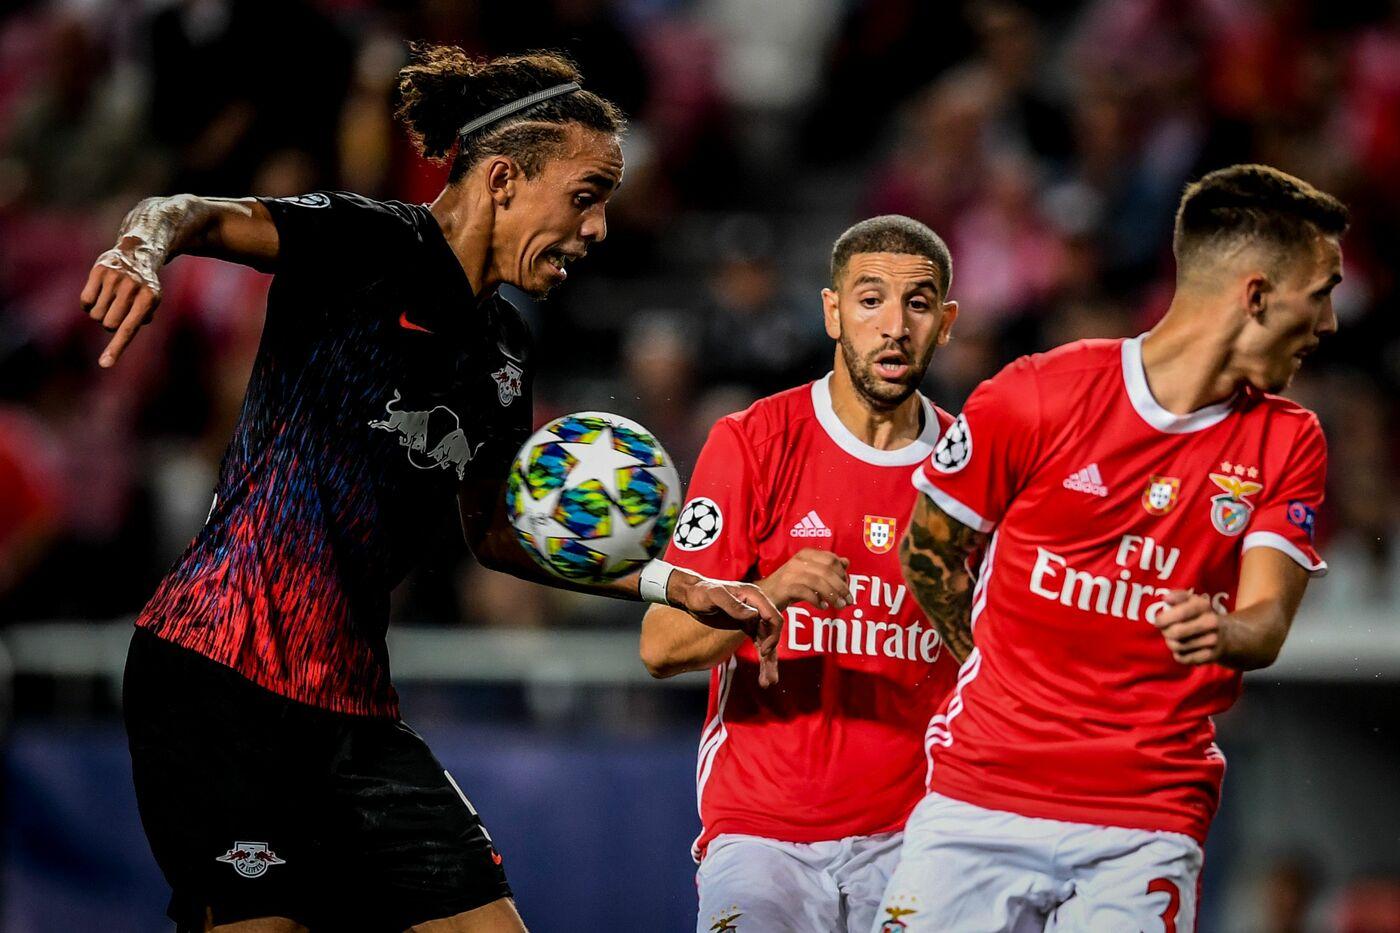 portogallo-primeira-liga-pronostico-28-settembre-2019-analisi-e-pronostico